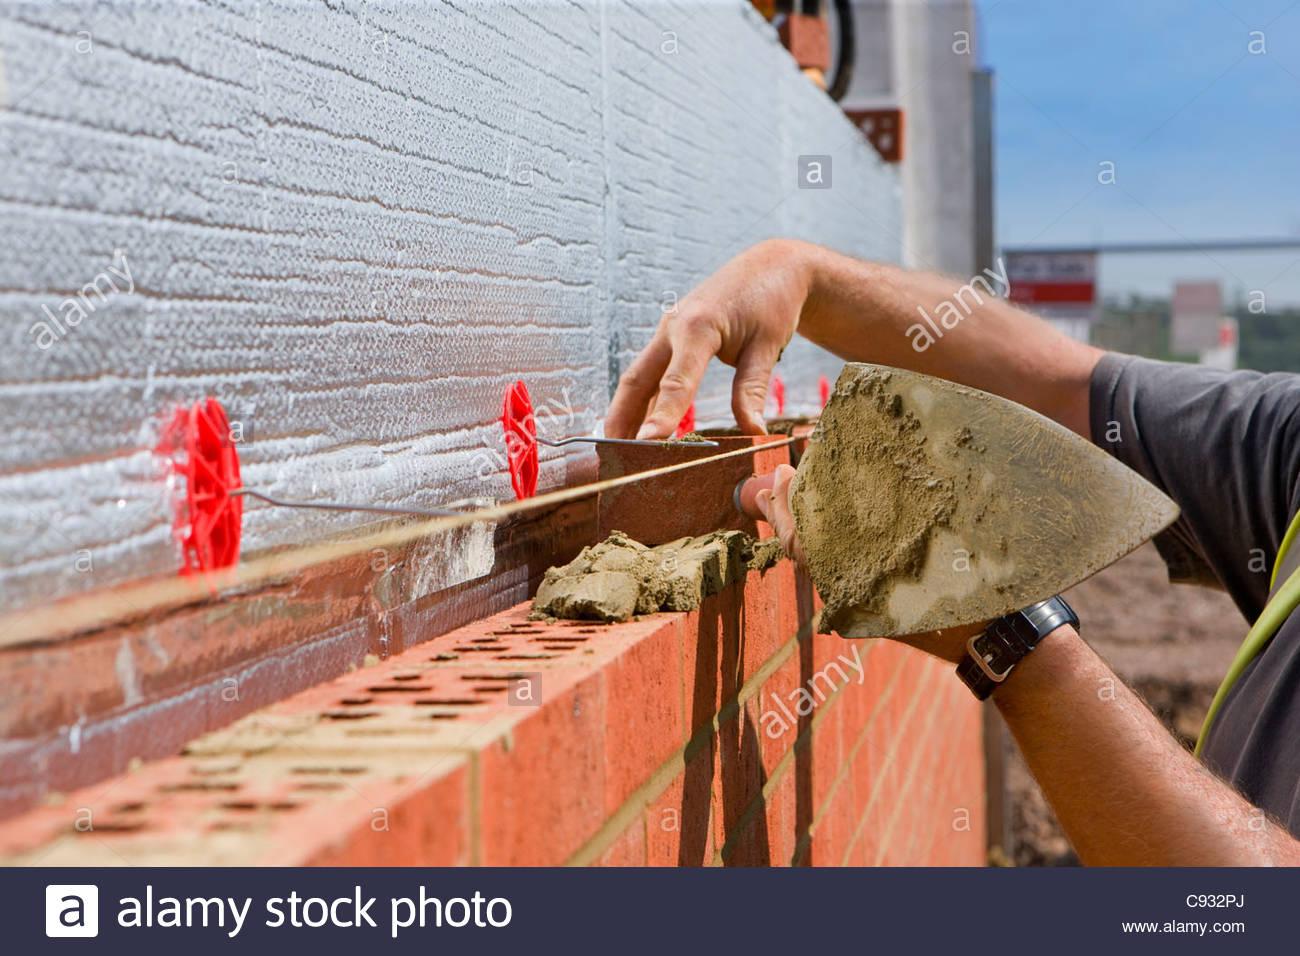 Bricklayer laying brick wall - Stock Image